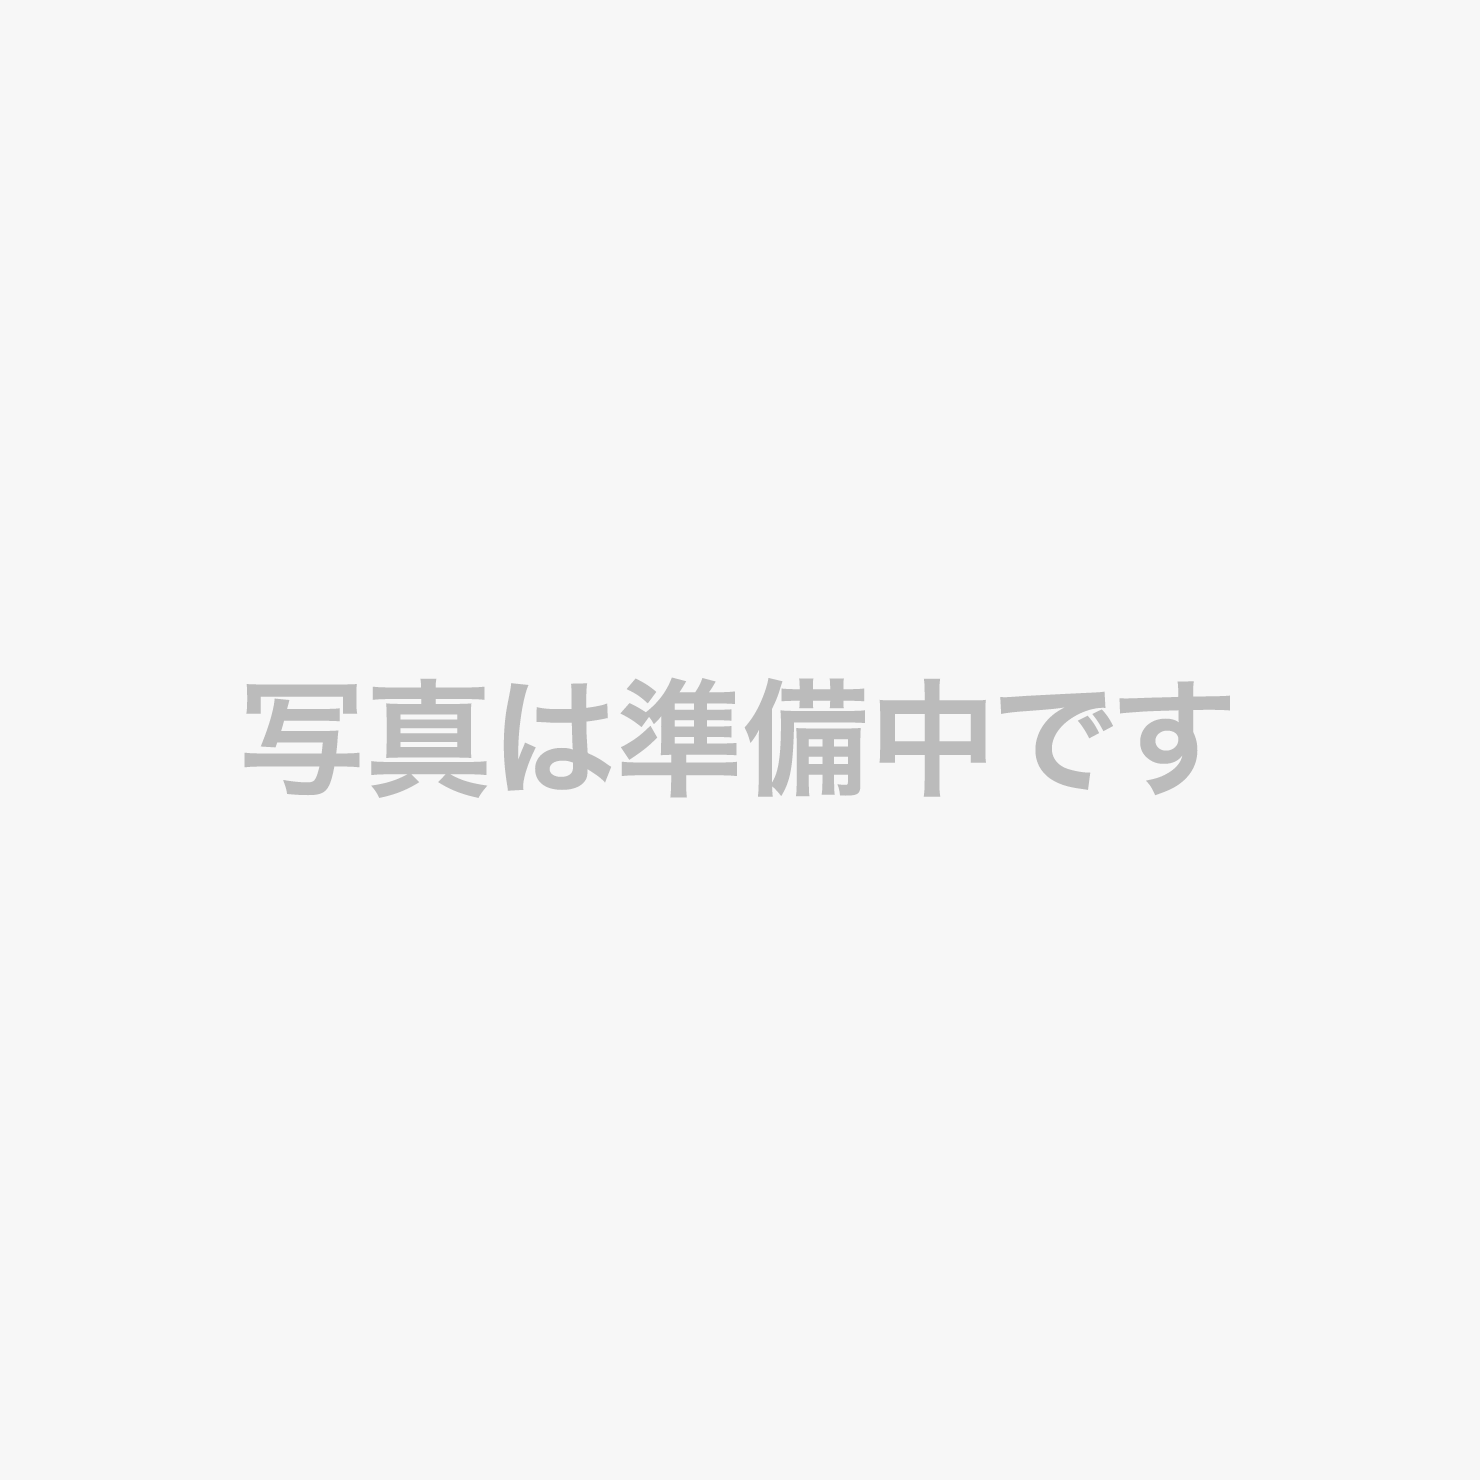 特別室(イメージ)